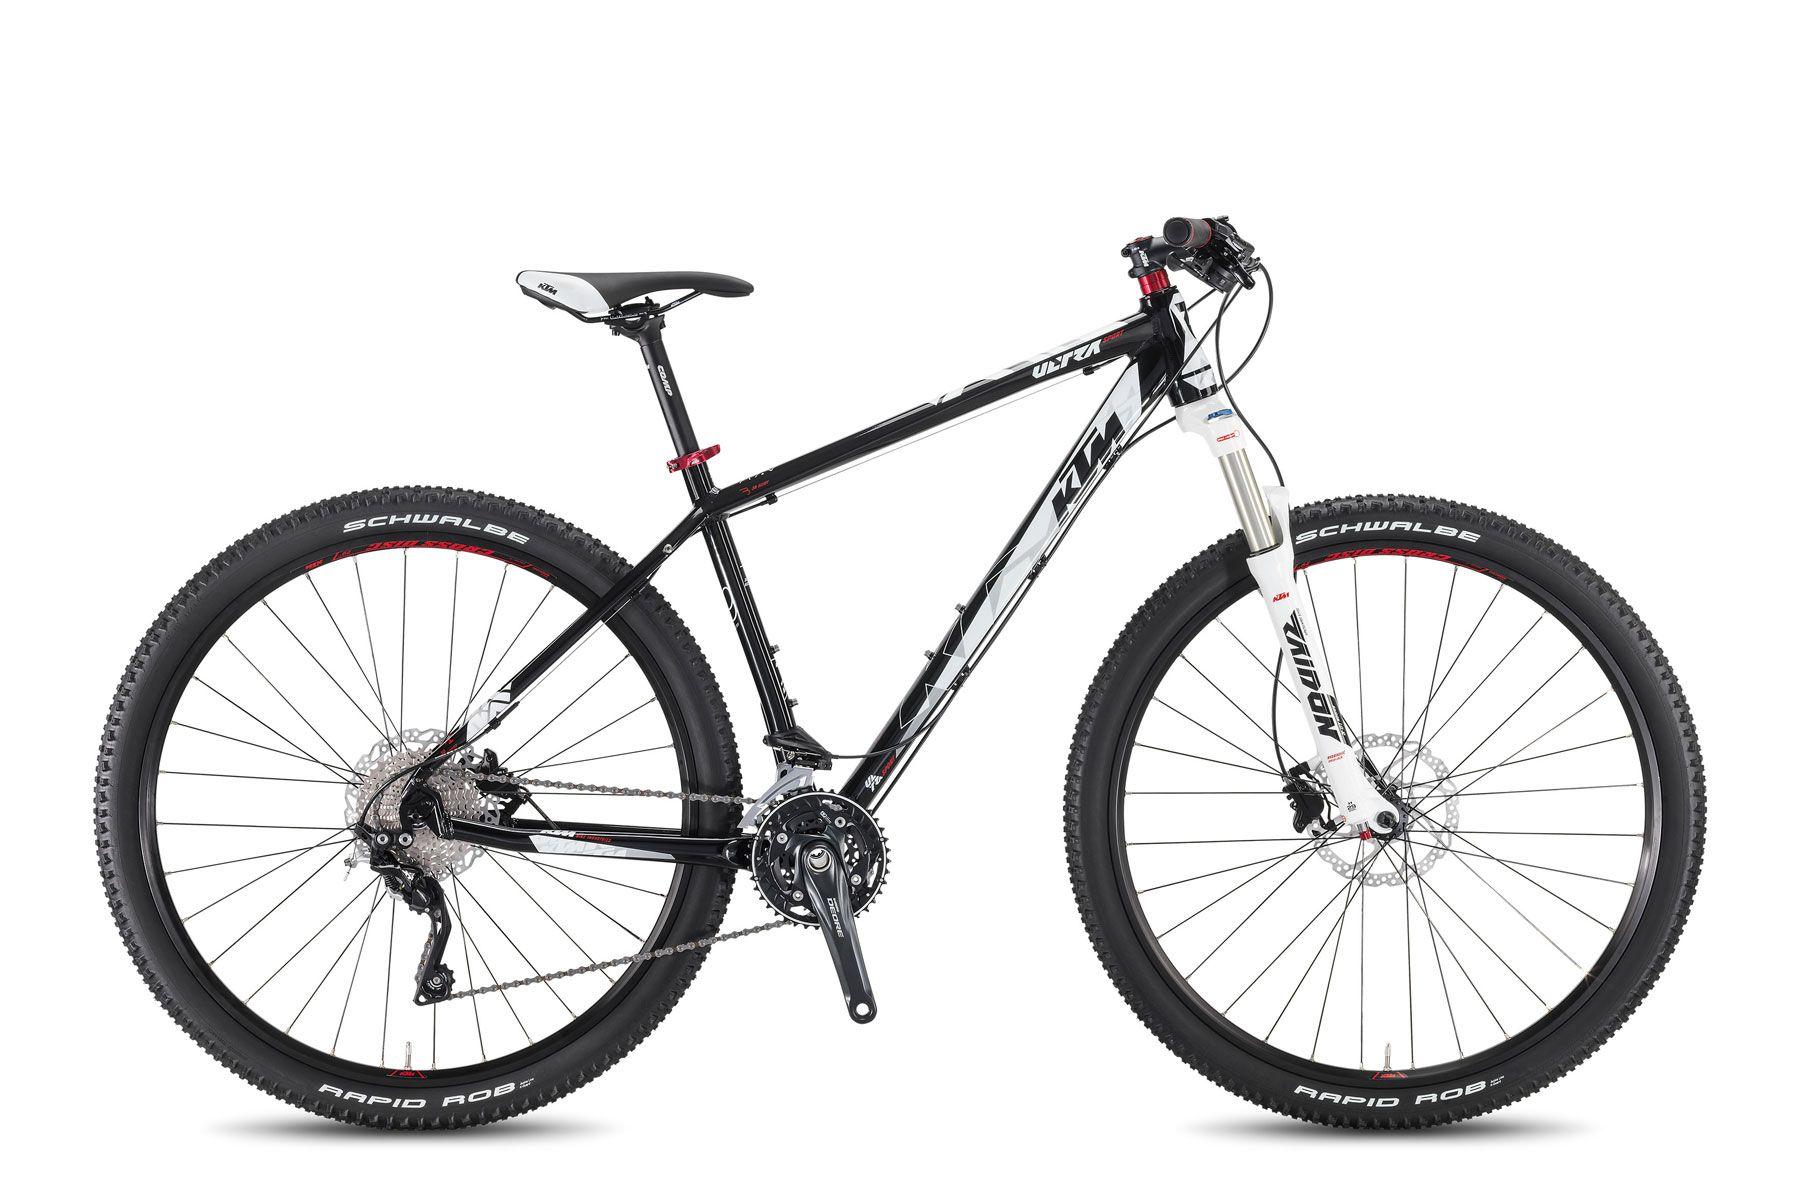 Велосипед KTMГорные<br>Привлекательный KTM Ultra Sport 29– это прекрасная модель горного хардтейла, созданный для любителей динамичных поездок по городу и бездорожью. Рама выполнена из прочного алюминиевого сплава, облегчающего вес конструкции, а ее особая геометрия снижает нагрузку на спину. Трансмиссия составляет 30 скоростных режимов, что позволяет велосипеду с легкостью проходить разные типы дорог. Дополнительное удобство обеспечивают эргономичное сиденье KTM VL-3378.<br><br>year: 2016<br>цвет: чёрный<br>пол: мужской<br>тип рамы: хардтейл<br>уровень оборудования: профессиональный<br>длина хода вилки: от 100 до 150 мм<br>тип заднего амортизатора: без амортизатора<br>блокировка амортизатора: да<br>рулевая колонка: KTM Team B303AM drop/in-tapered, +5<br>вынос: KTM Comp ST-92A, 7 градусов<br>руль: KTM Comp HB-FB21L, прямой, ширина 700 мм, 9 градусов<br>грипсы: KTM Line VLG-1546A<br>передний тормоз: Shimano M396, Shimano RT54 CL, диаметр ротора 180 мм<br>задний тормоз: Shimano M396, Shimano RT54 CL, диаметр ротора 180 мм<br>система: Shimano Deore M612, 40-30-22T<br>педали: VP-195-E MTB, алюминиевый сплав<br>ободья: KTM-Line CC 29<br>передняя втулка: Shimano Deore CL - 100QR<br>задняя втулка: Shimano Deore CL - 135QR<br>передняя покрышка: Schwalbe Rapid Rob K-Guard, 57-622<br>задняя покрышка: Schwalbe Rapid Rob K-Guard, 57-622<br>седло: KTM VL-3378<br>подседельный штырь: KTM Comp SP-619K, 400/27.2 мм<br>кассета: Shimano HG50-10, 11-36<br>манетки: Shimano Deore M610-10<br>вес: 12,6 кг<br>рама: Ultra 29 Hardtail, R: 135QR, tripplebutted, tapered, алюминиевый сплав<br>вилка: Suntour Raidon XC LO-R, 29 T air, Lockout w/o Remote, ход 100 мм<br>размер рамы: 22.5&amp;amp;quot;<br>материал рамы: алюминий<br>тип тормозов: дисковый гидравлический<br>диаметр колеса: 29<br>тип амортизированной вилки: воздушно-масляная<br>передний переключатель: Shimano Deore M617-E Sideswing<br>задний переключатель: Shimano Deore XT M781, shadow<br>количество скоростей: 30